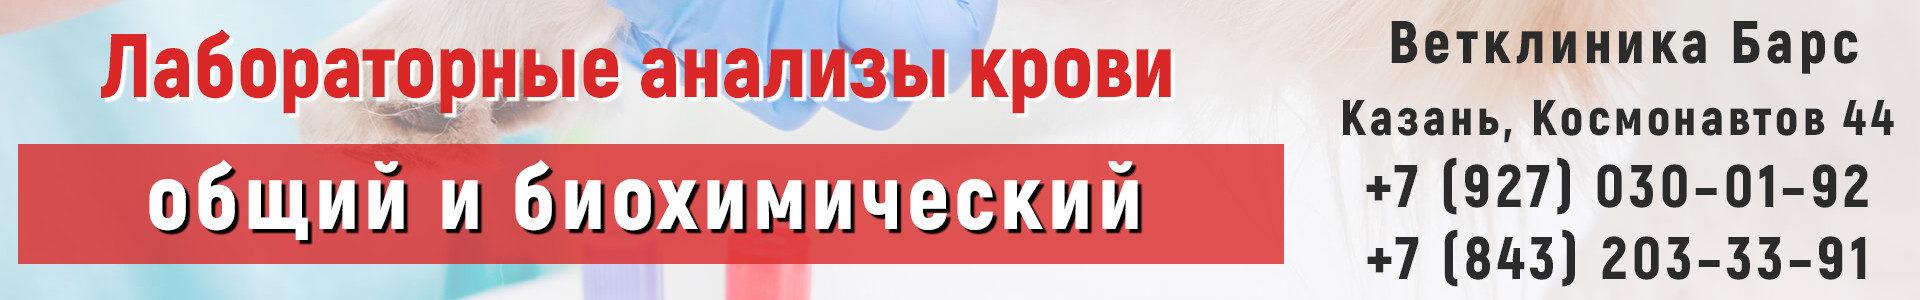 Общий и биохимический анализы крови